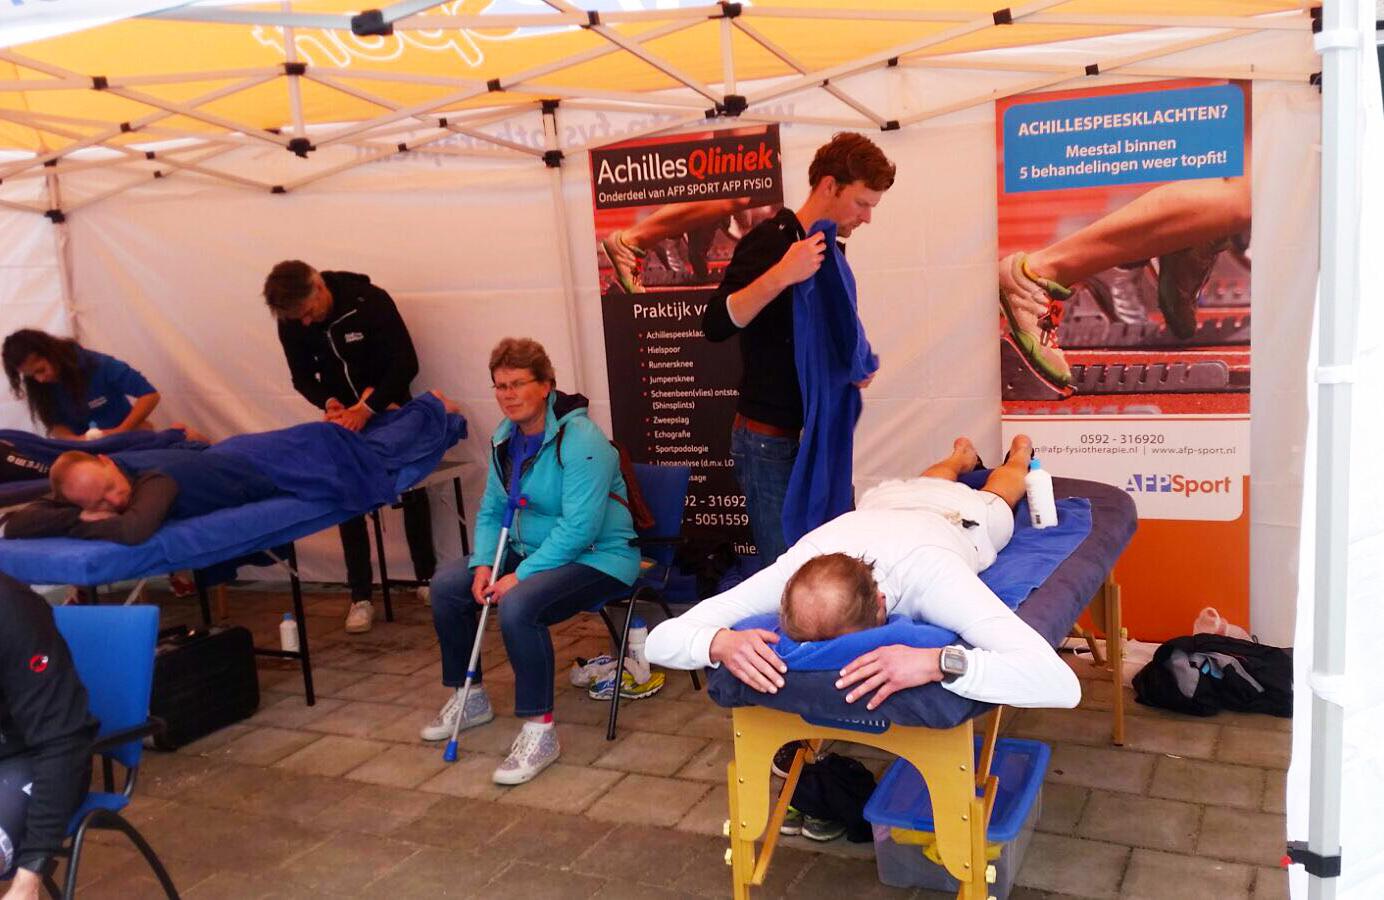 sportmassage,massage,triathlon,triathloon,assen,marsdijk